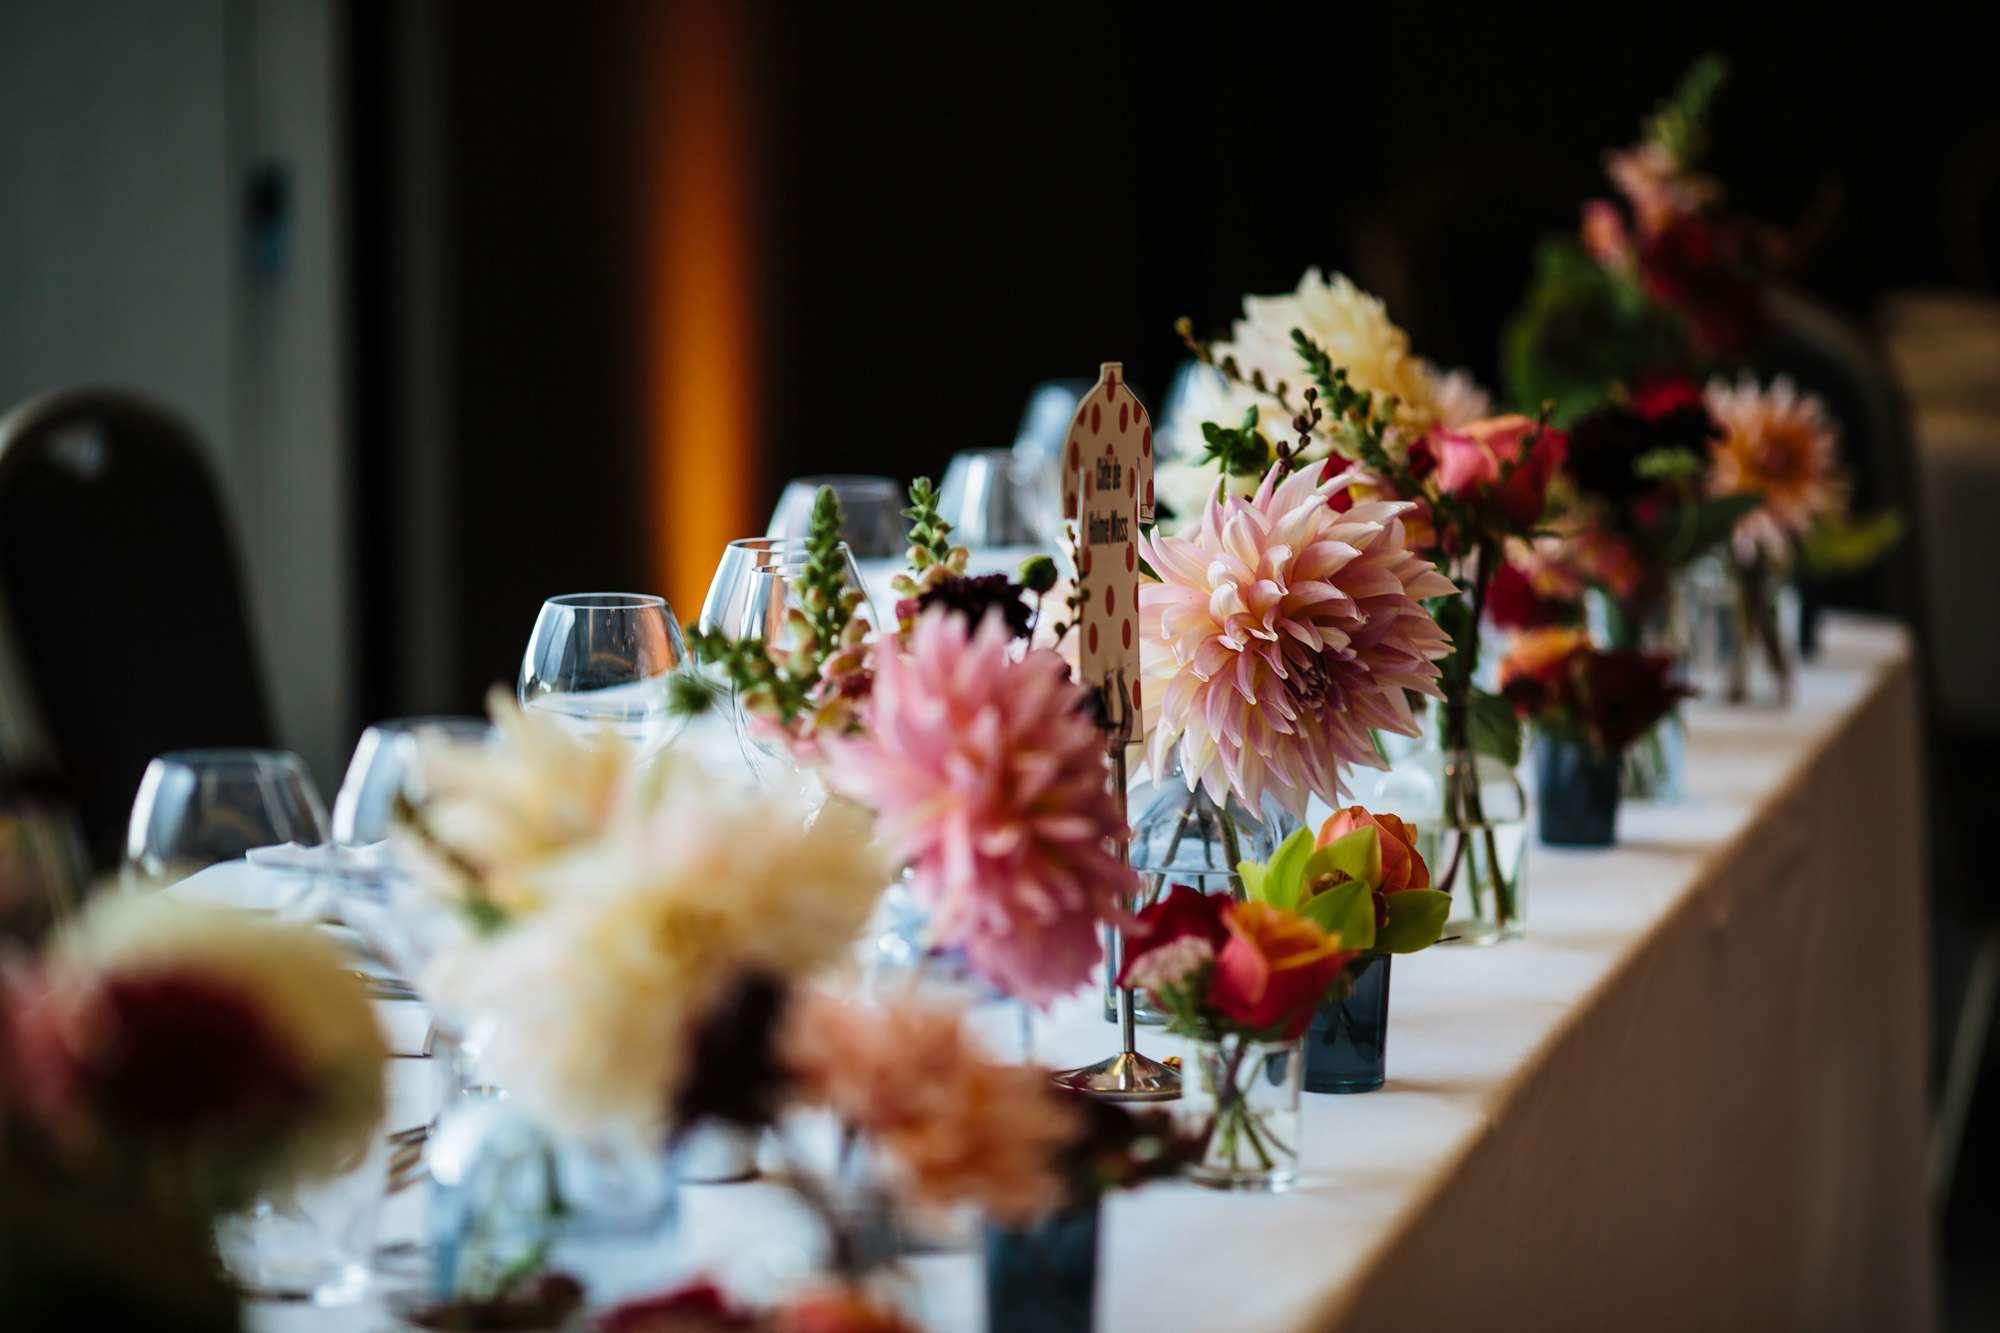 Table flowers at Hepworth Art Gallery wedding